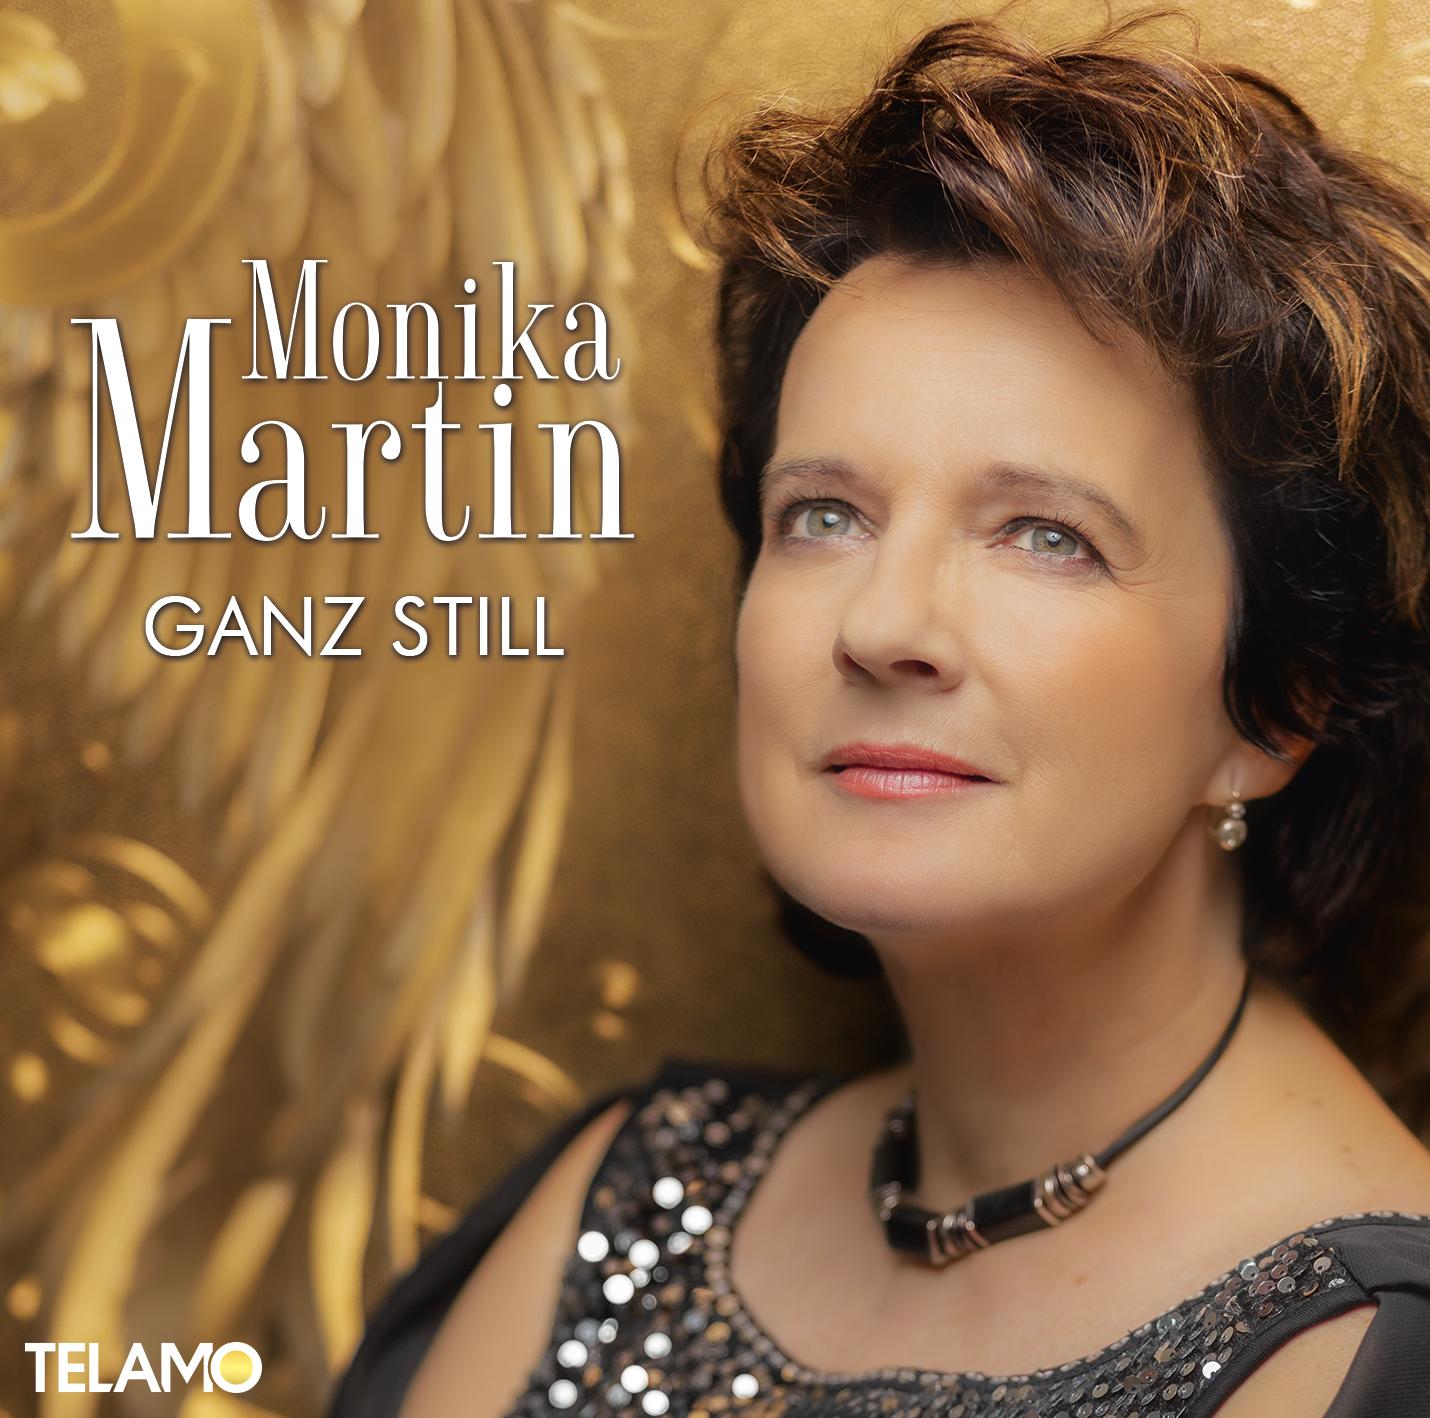 Monika Martin - Ganz still (2020)